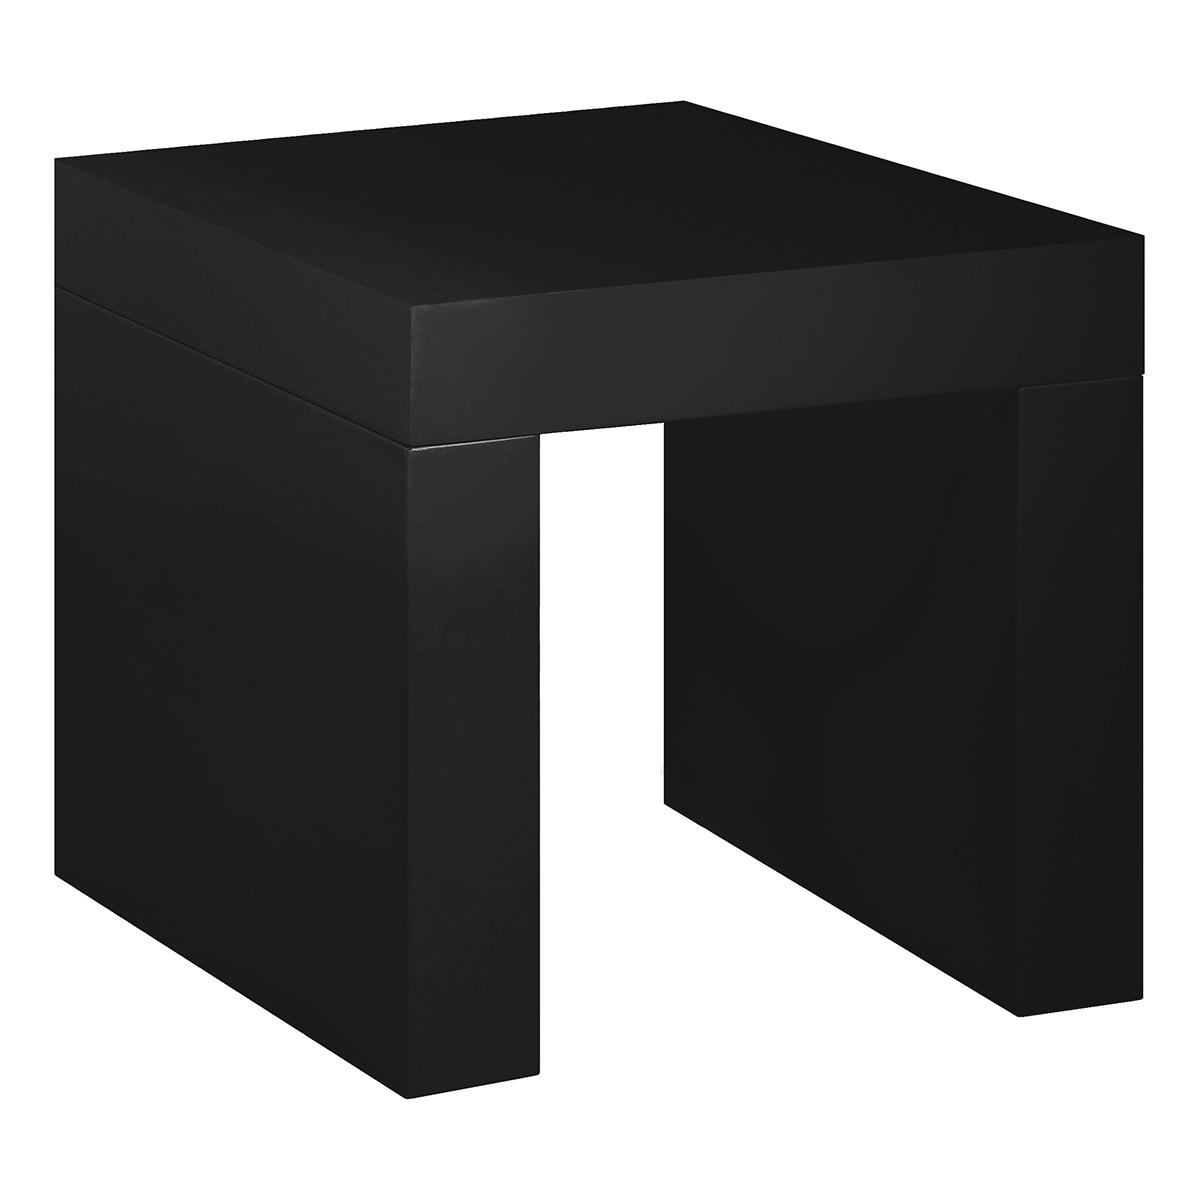 Beistelltisch Blanco 45, schwarz